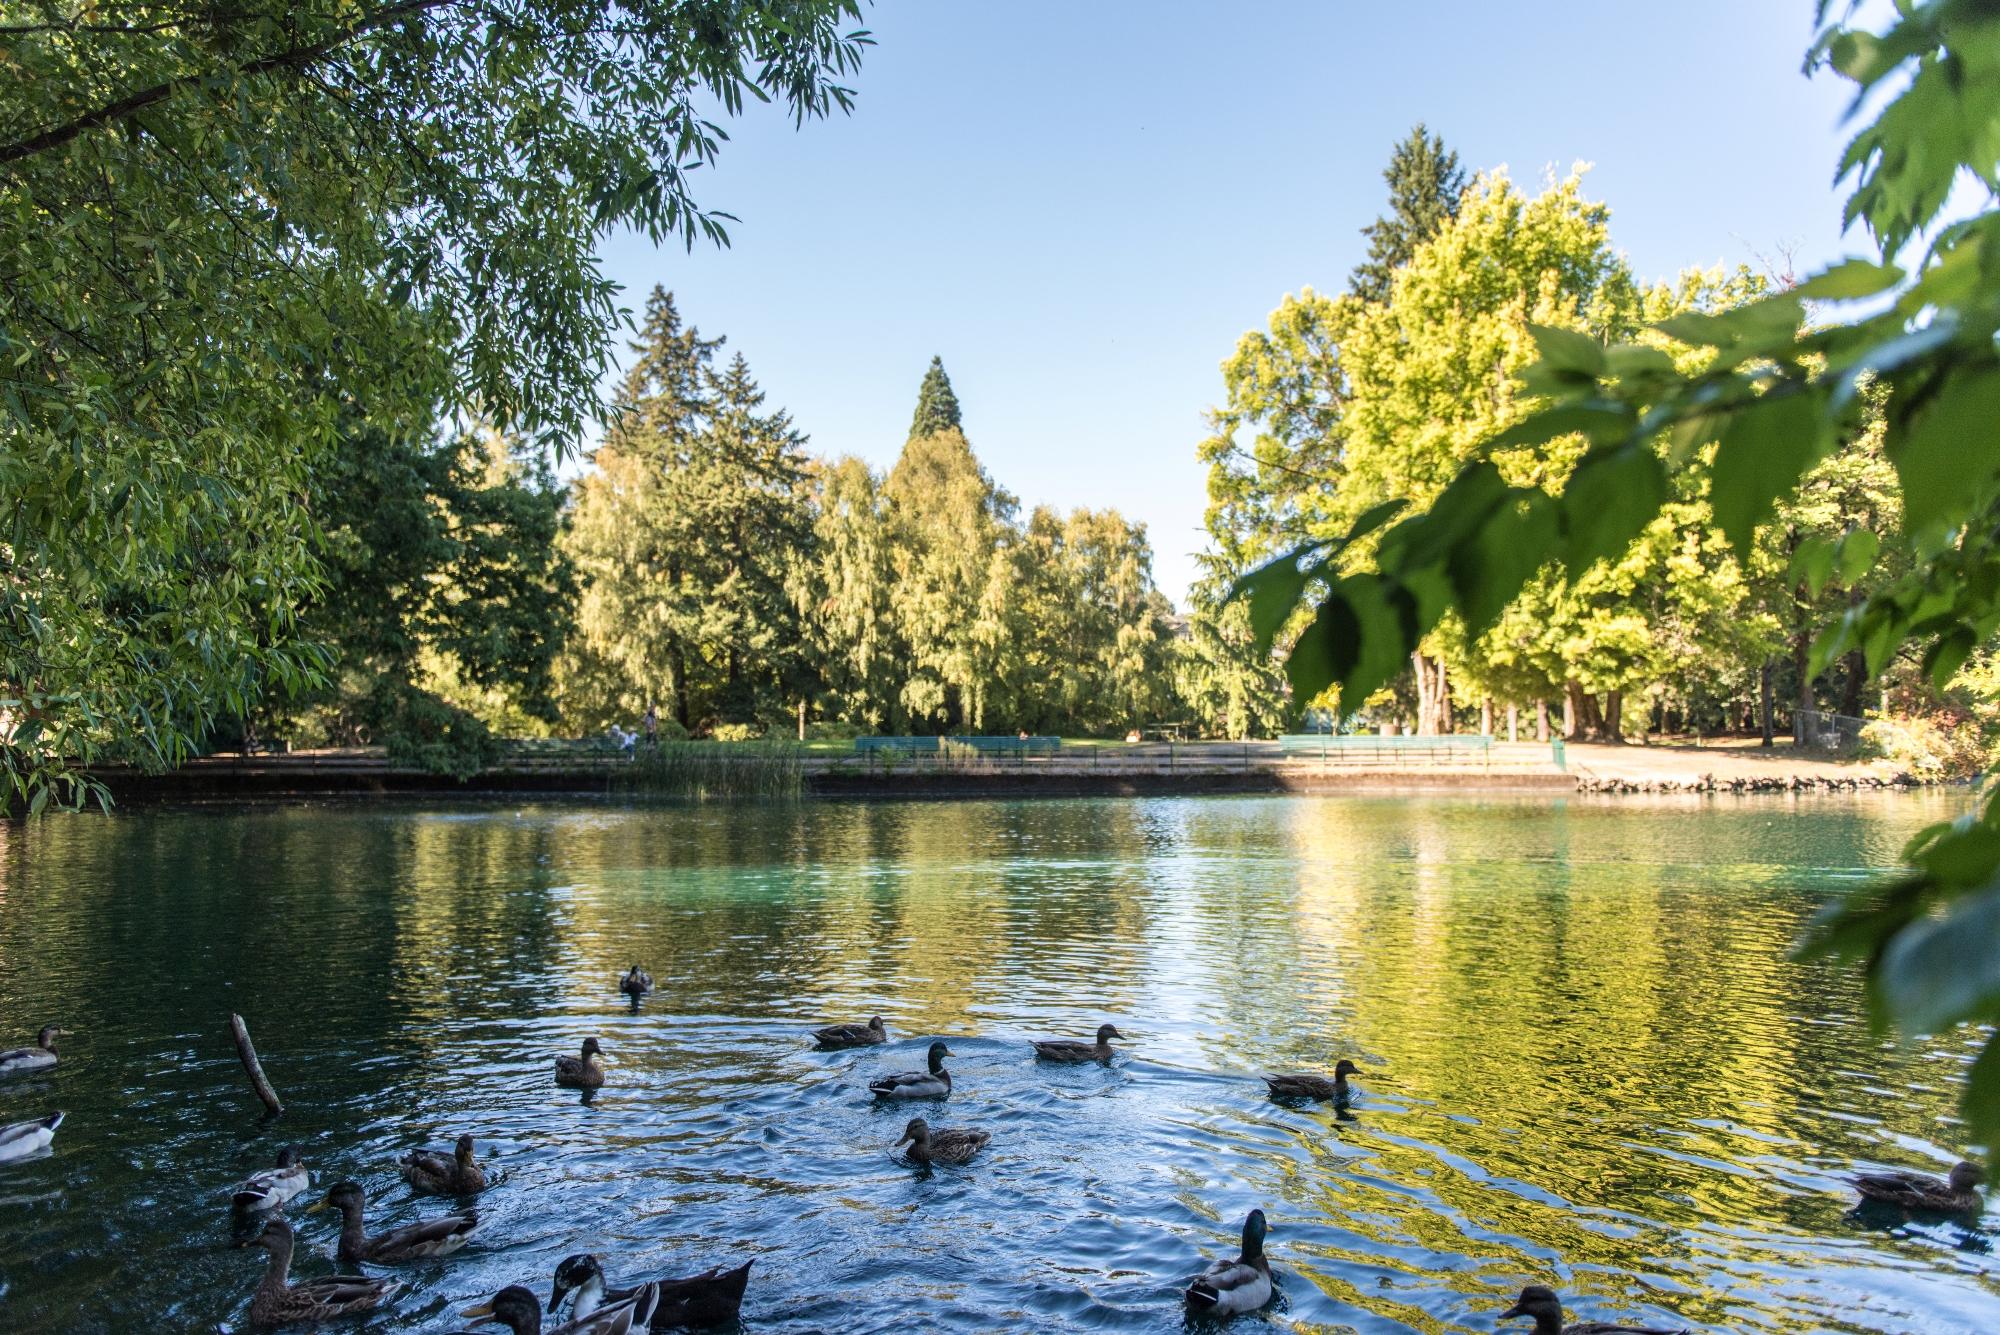 Laurelhurst pond